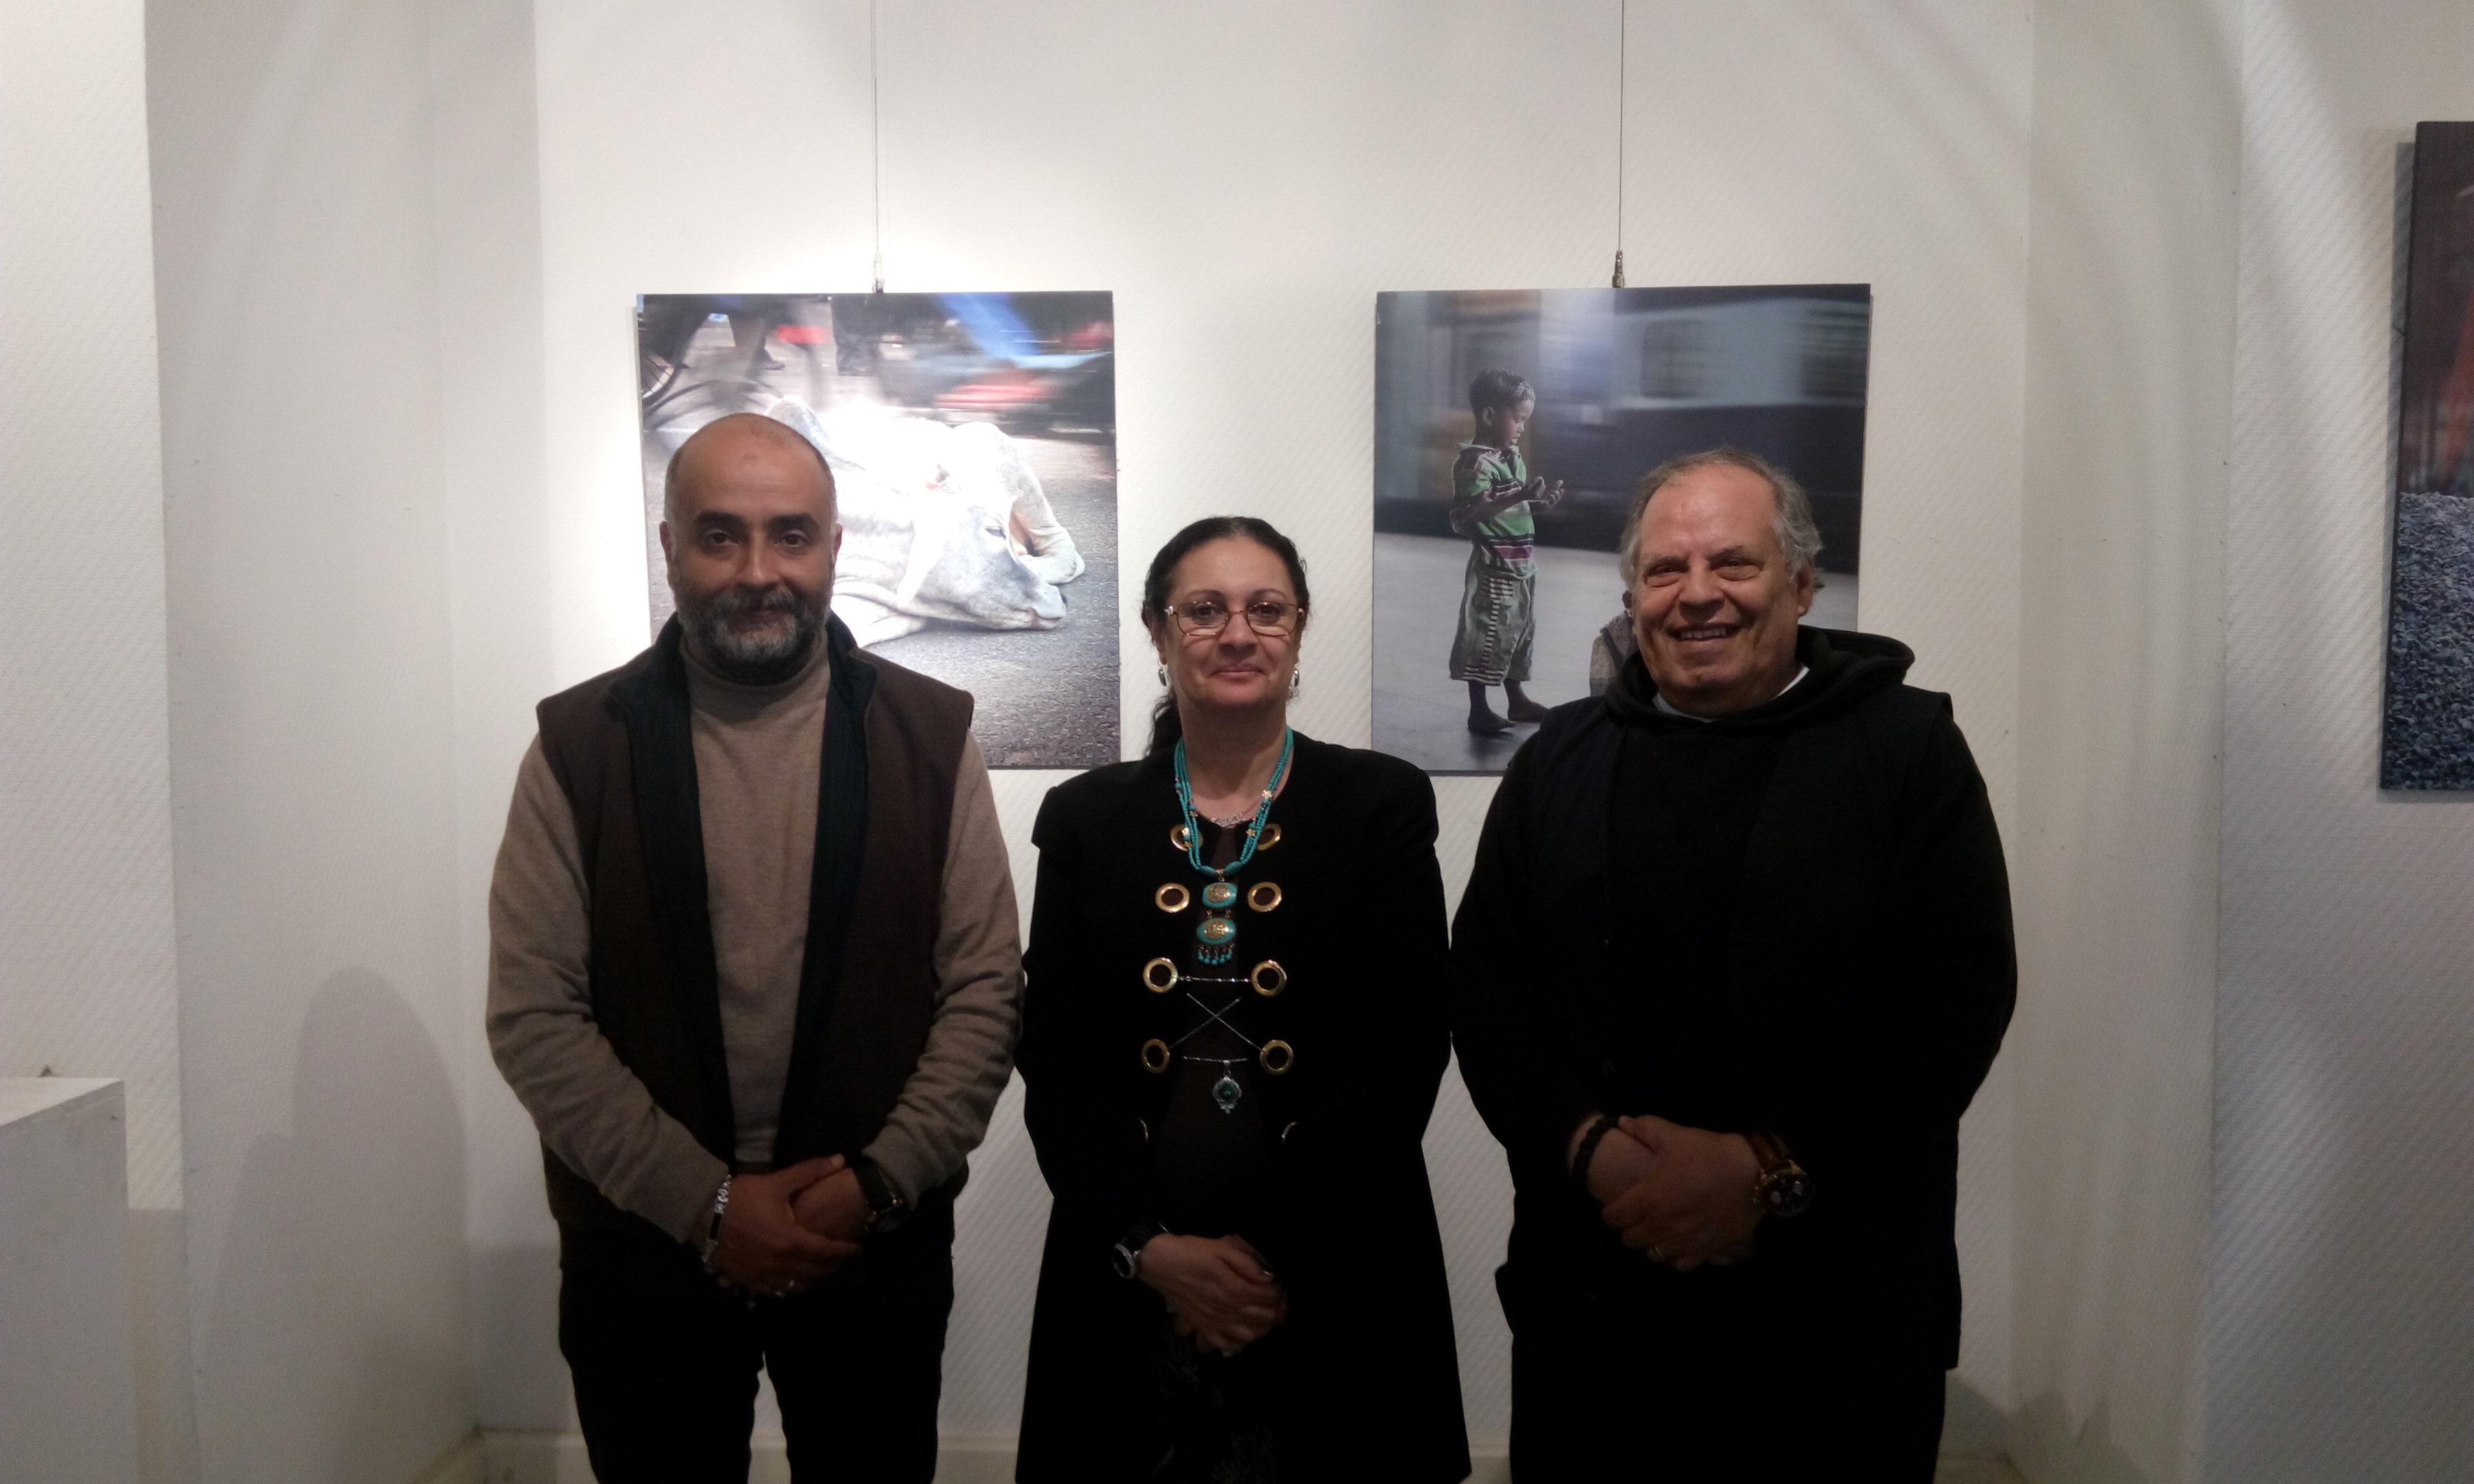 صورة د.احلام يونس رئيس اكاديمية الفنون تتفقد معرض الهند